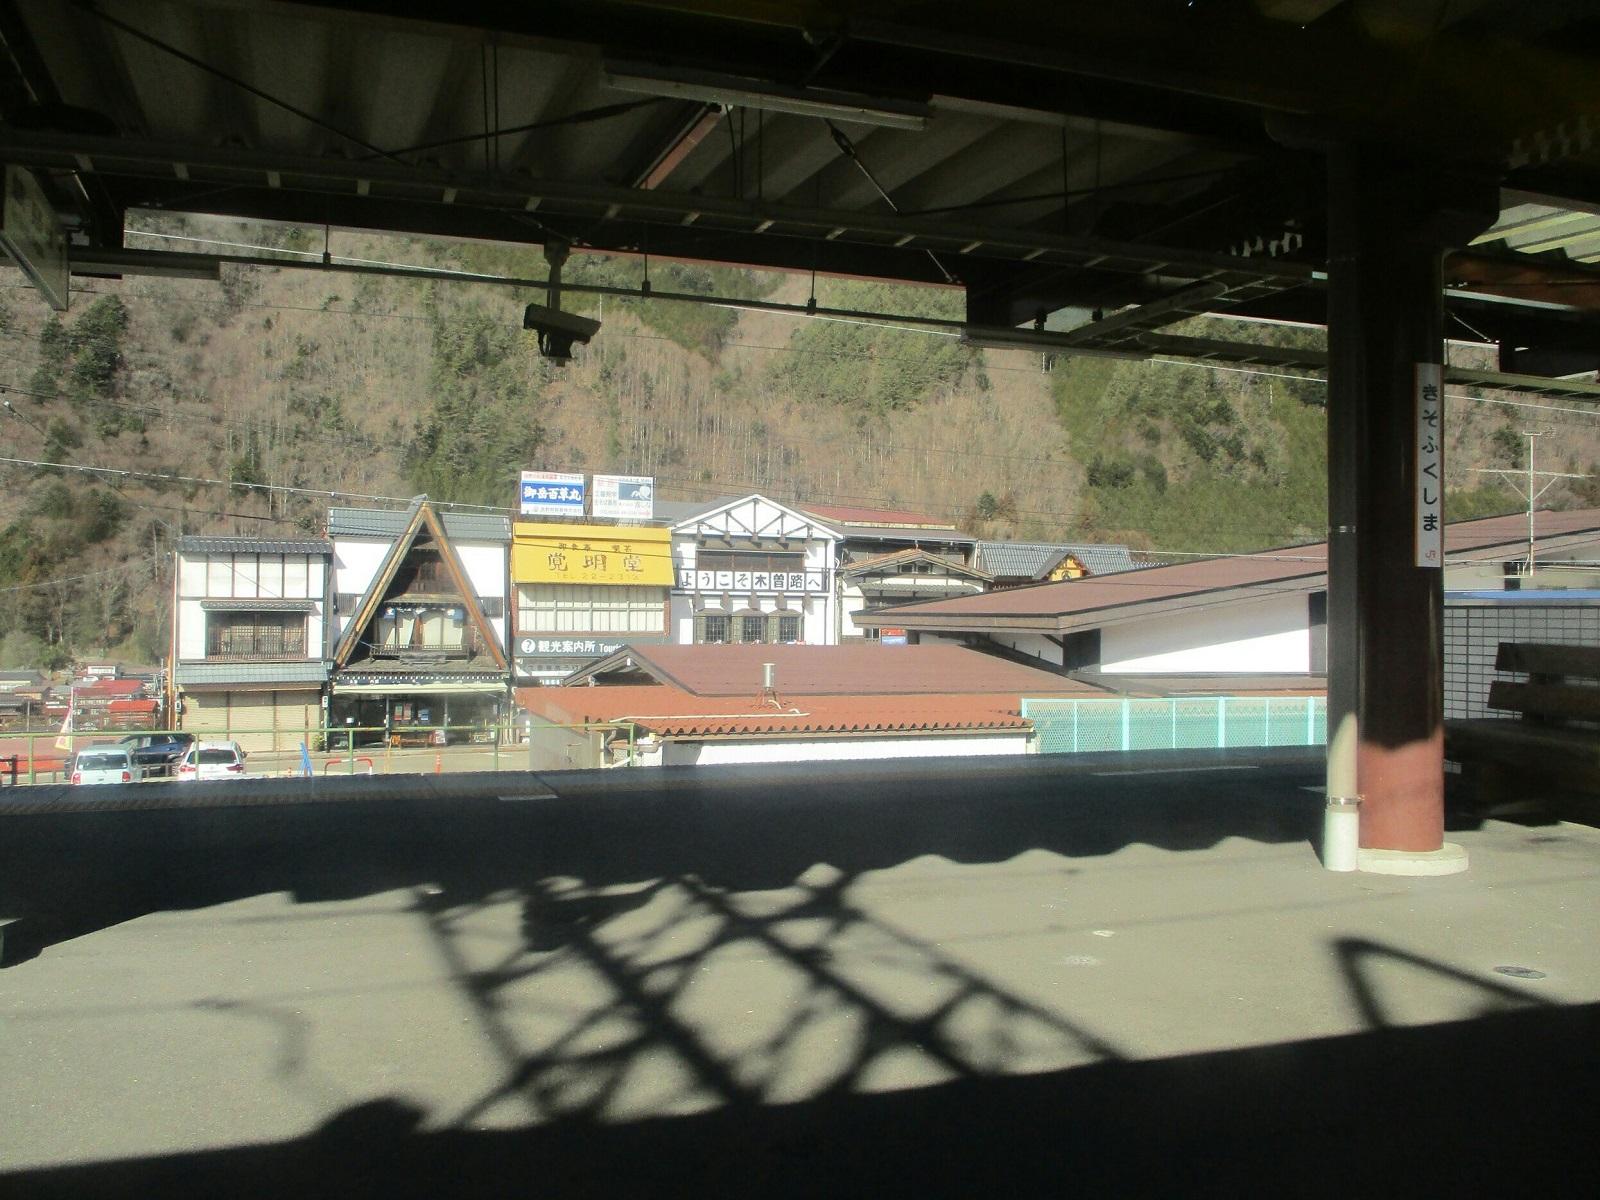 2019.1.25 (20) 名古屋いきワイドビューしなの - 木曽福島 1600-1200